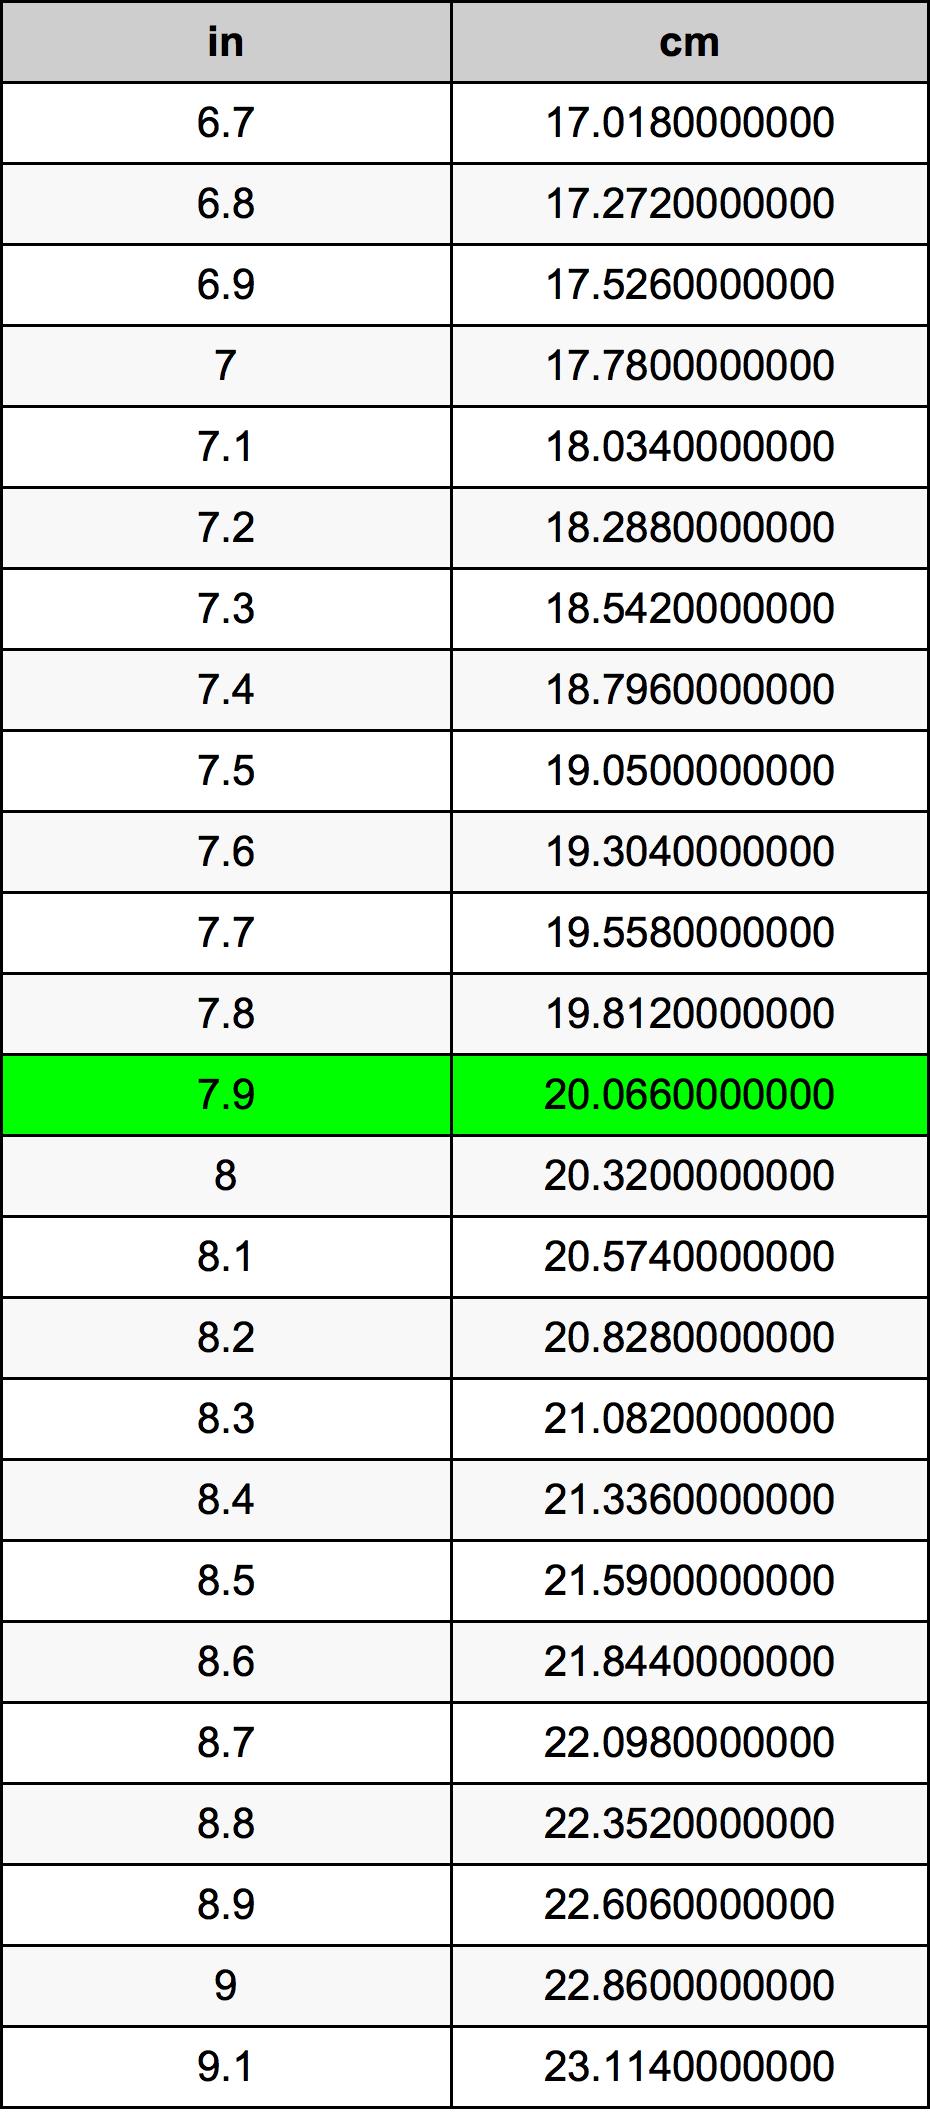 79 Zoll In Zentimeter Einheitenumrechner 79 In In Cm